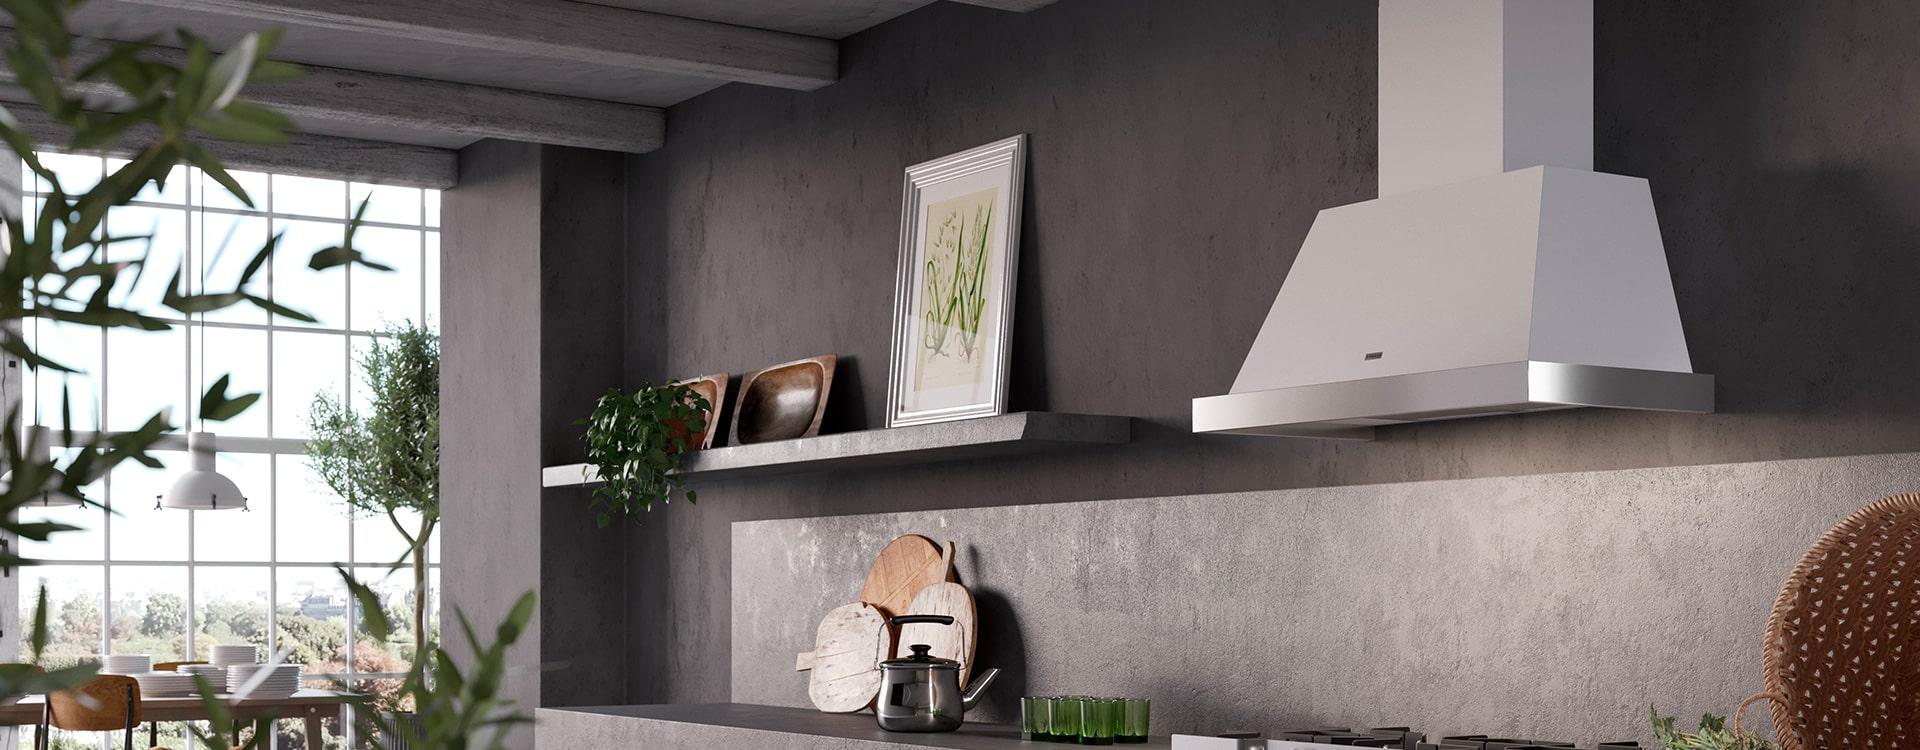 FABER Cappe da Cucina e Piani Cottura a Induzione Made in Italy